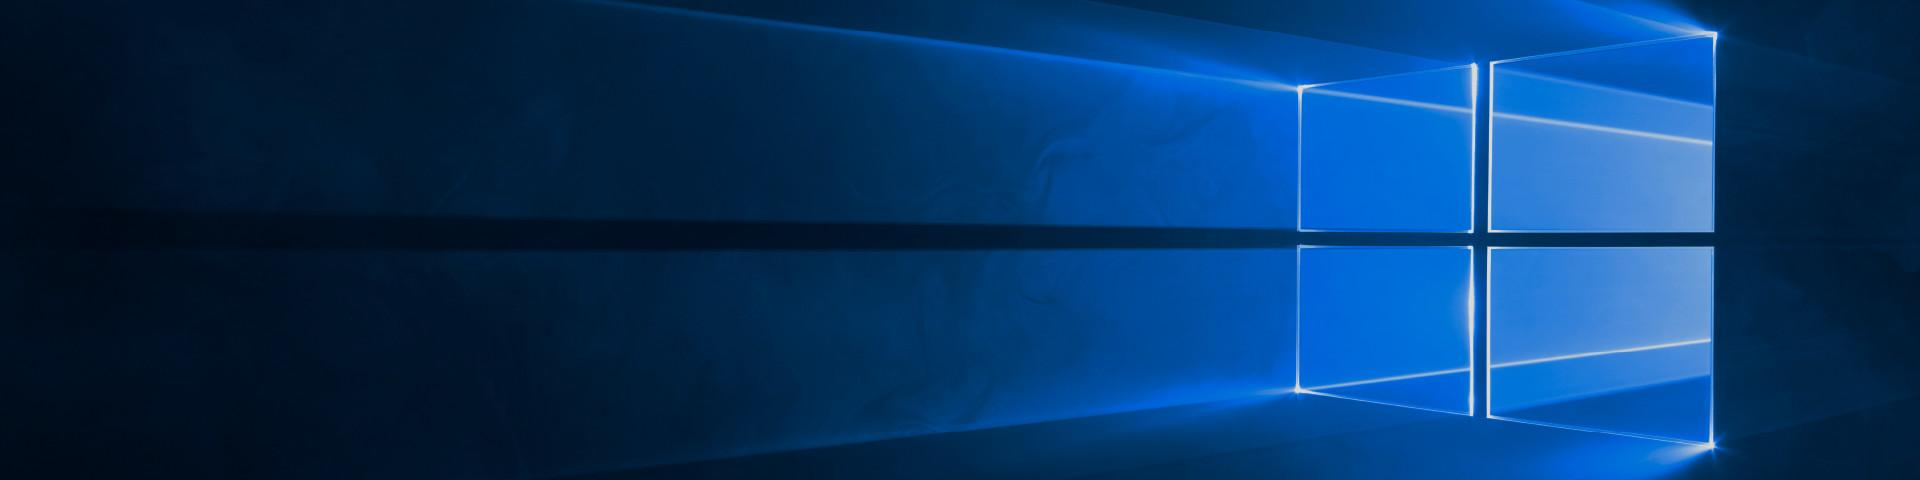 Windows 10 现已问世,您可以免费下载。*